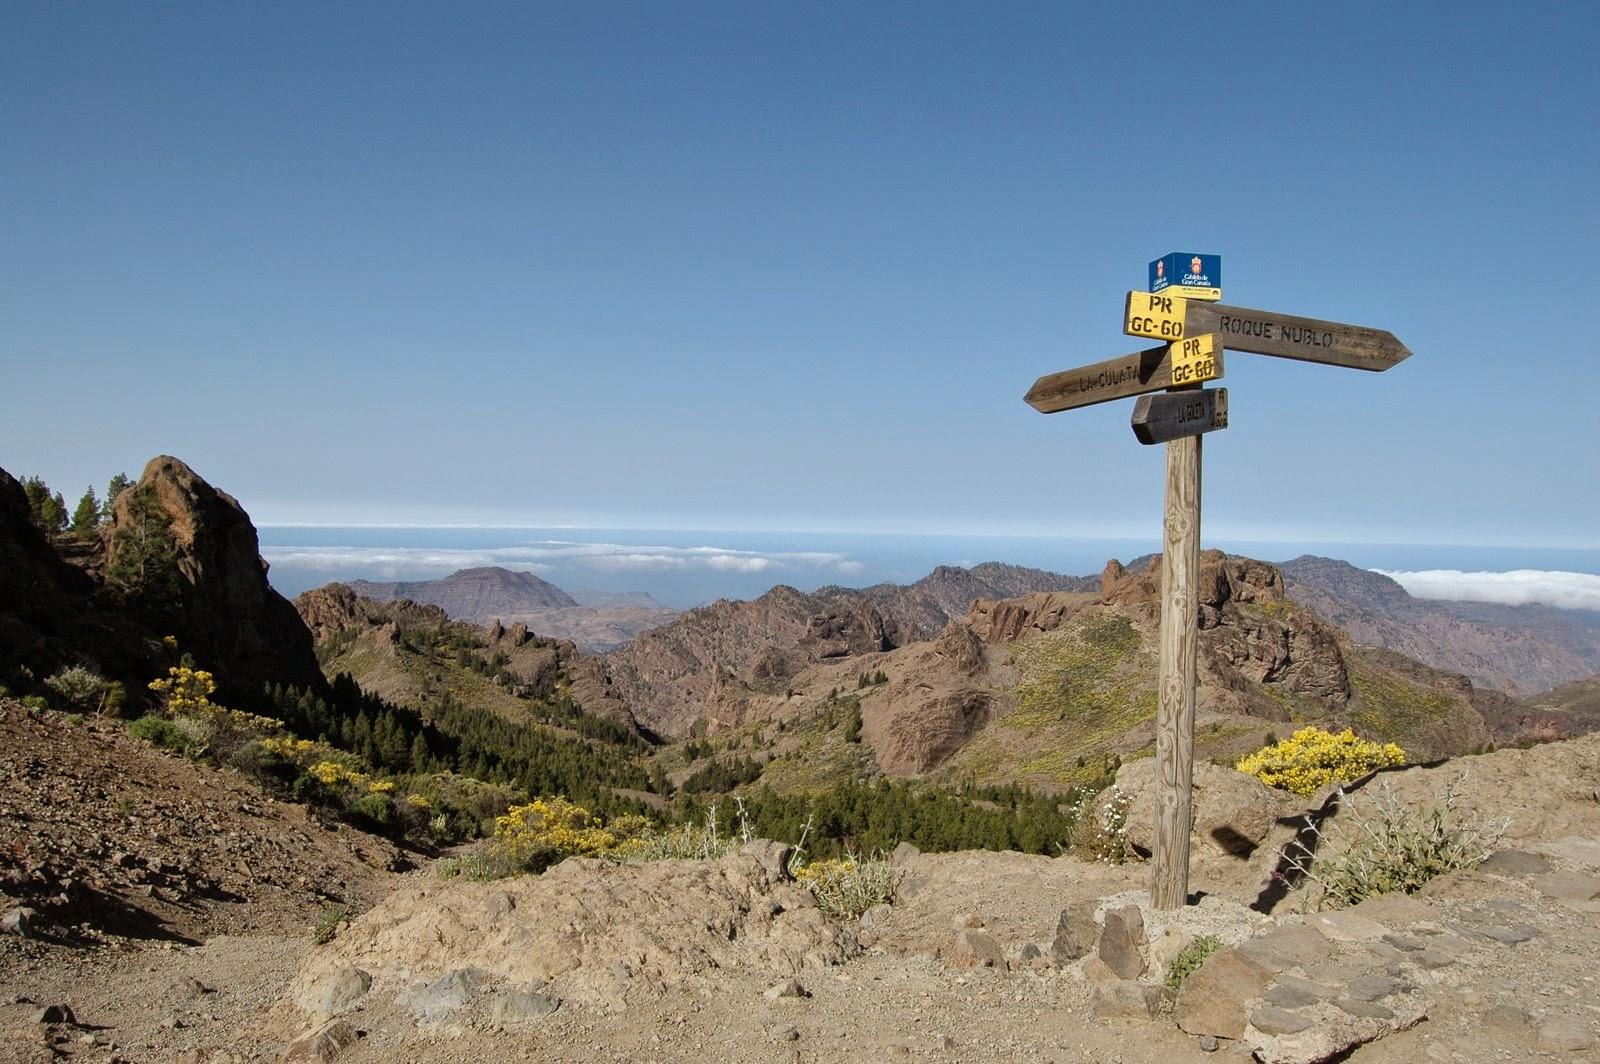 Girar a la derecha hacia el Roque Nublo